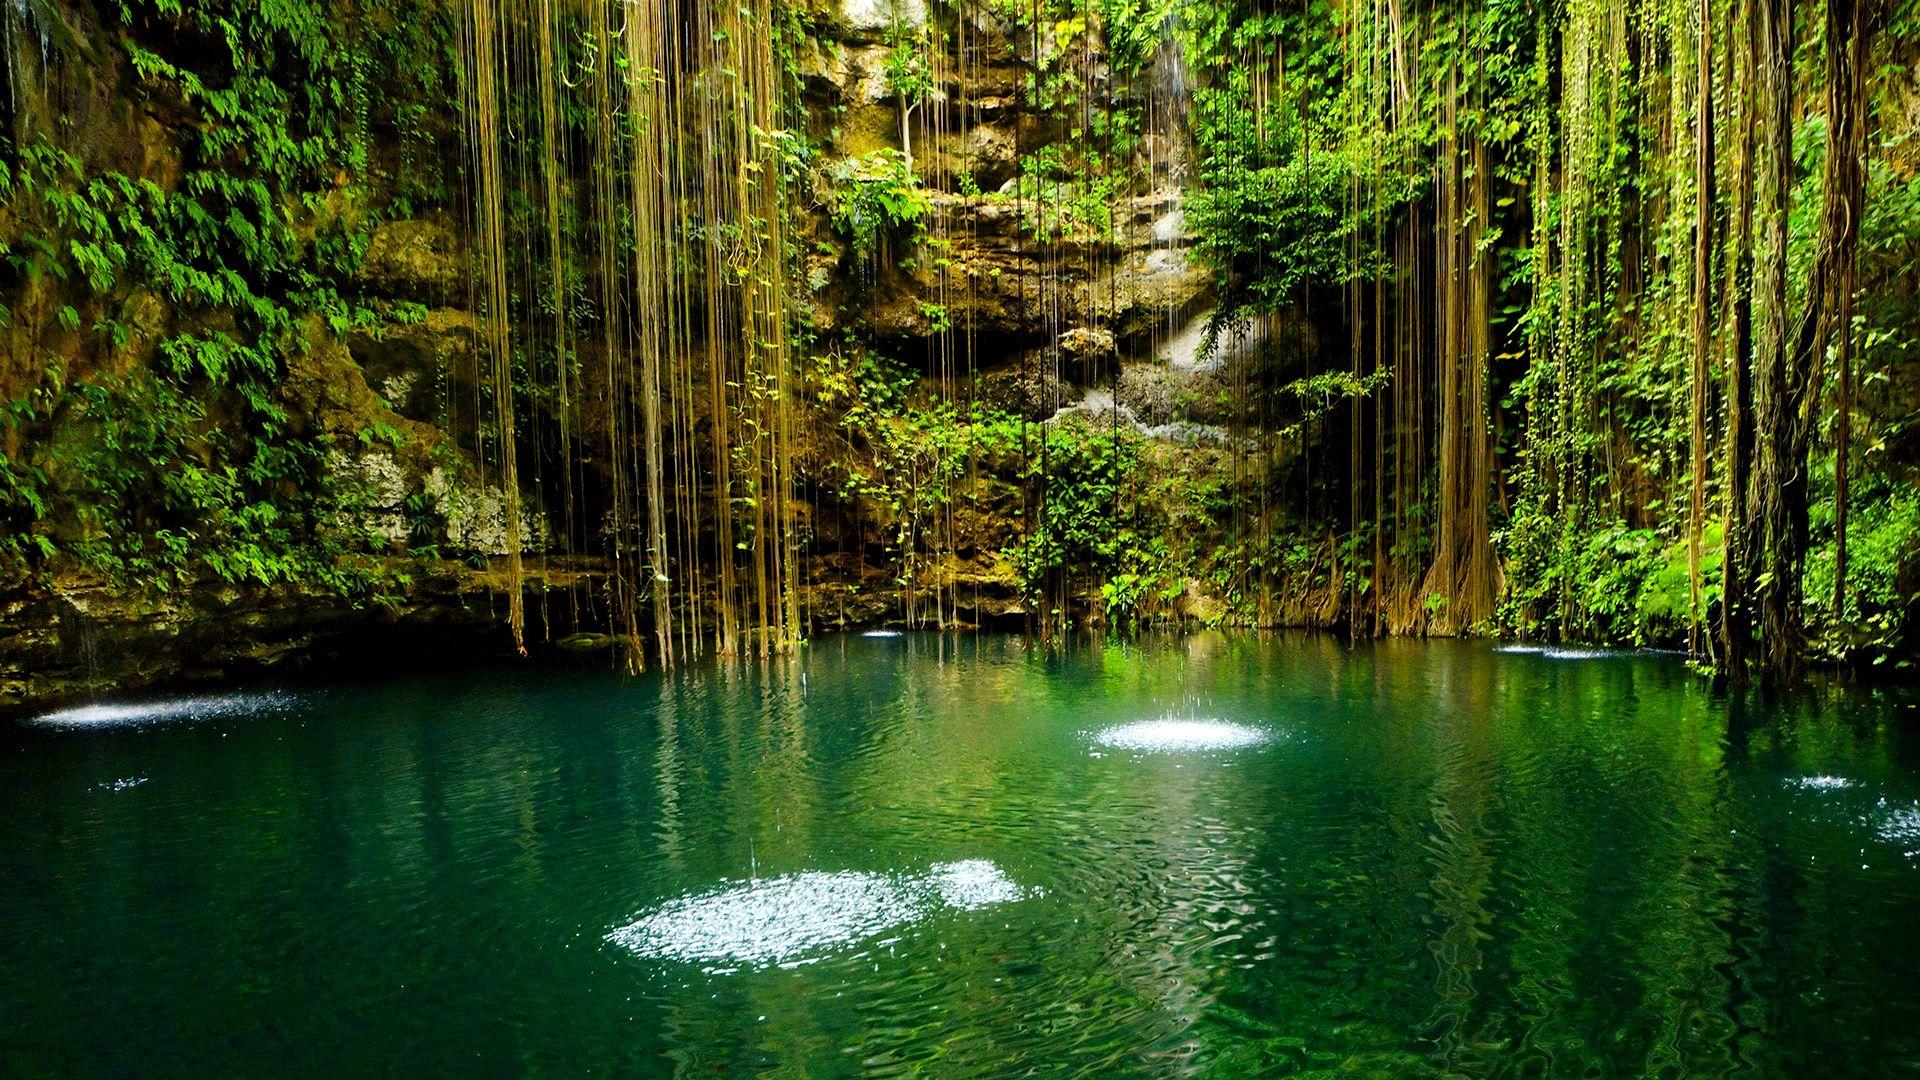 Secret Cave Place Nature Pictures Beautiful Photography Nature Nature Desktop